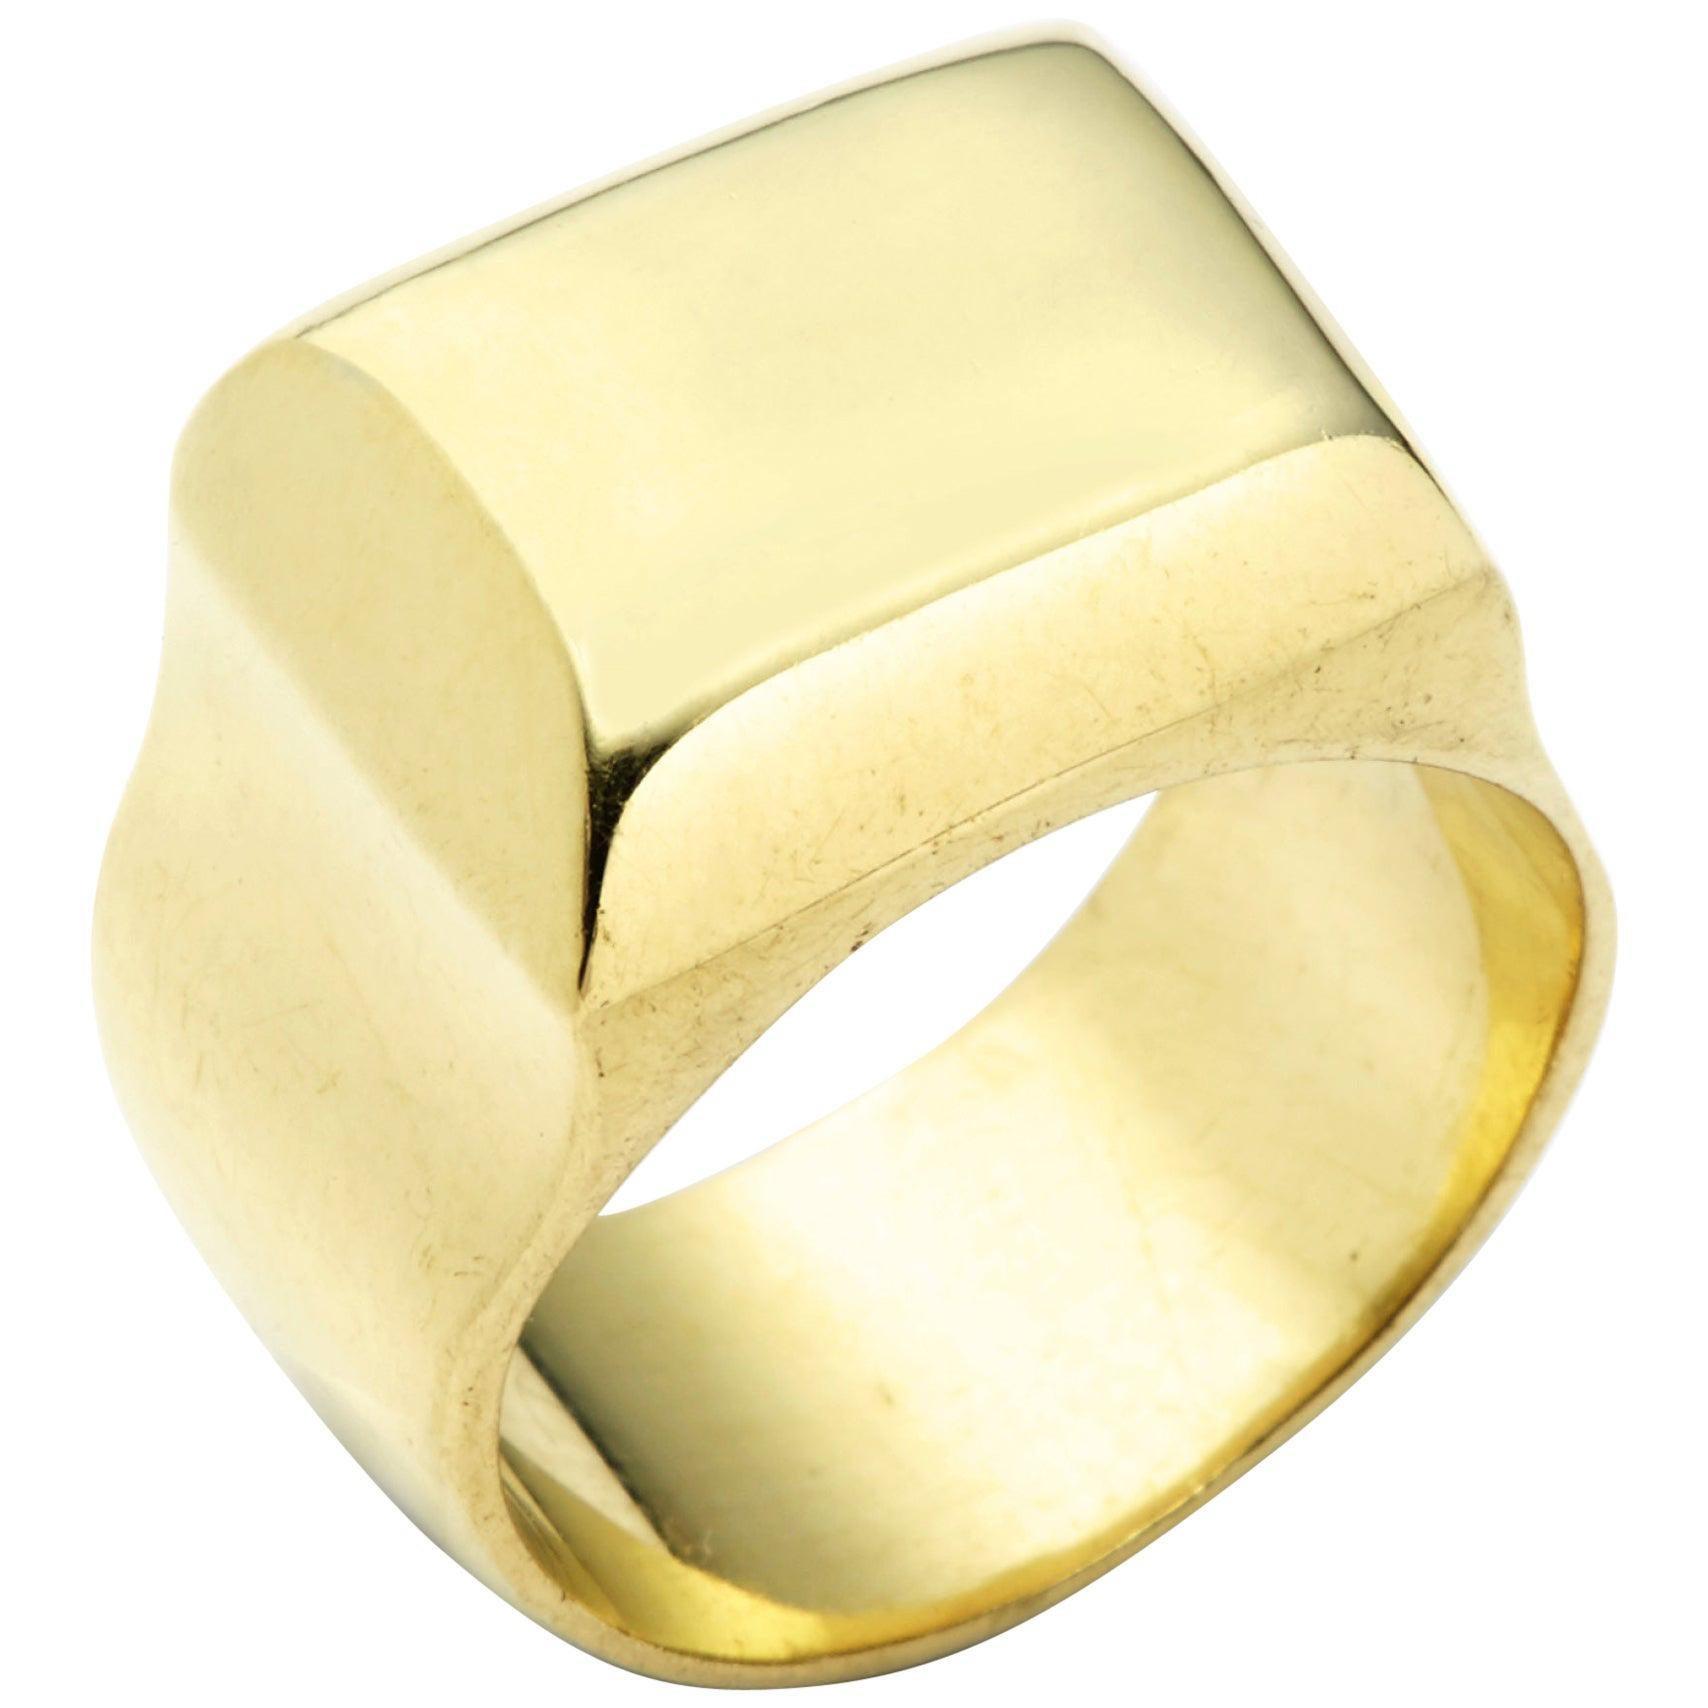 Susan Lister Locke The Greek Signet Ring in 18 Karat Gold